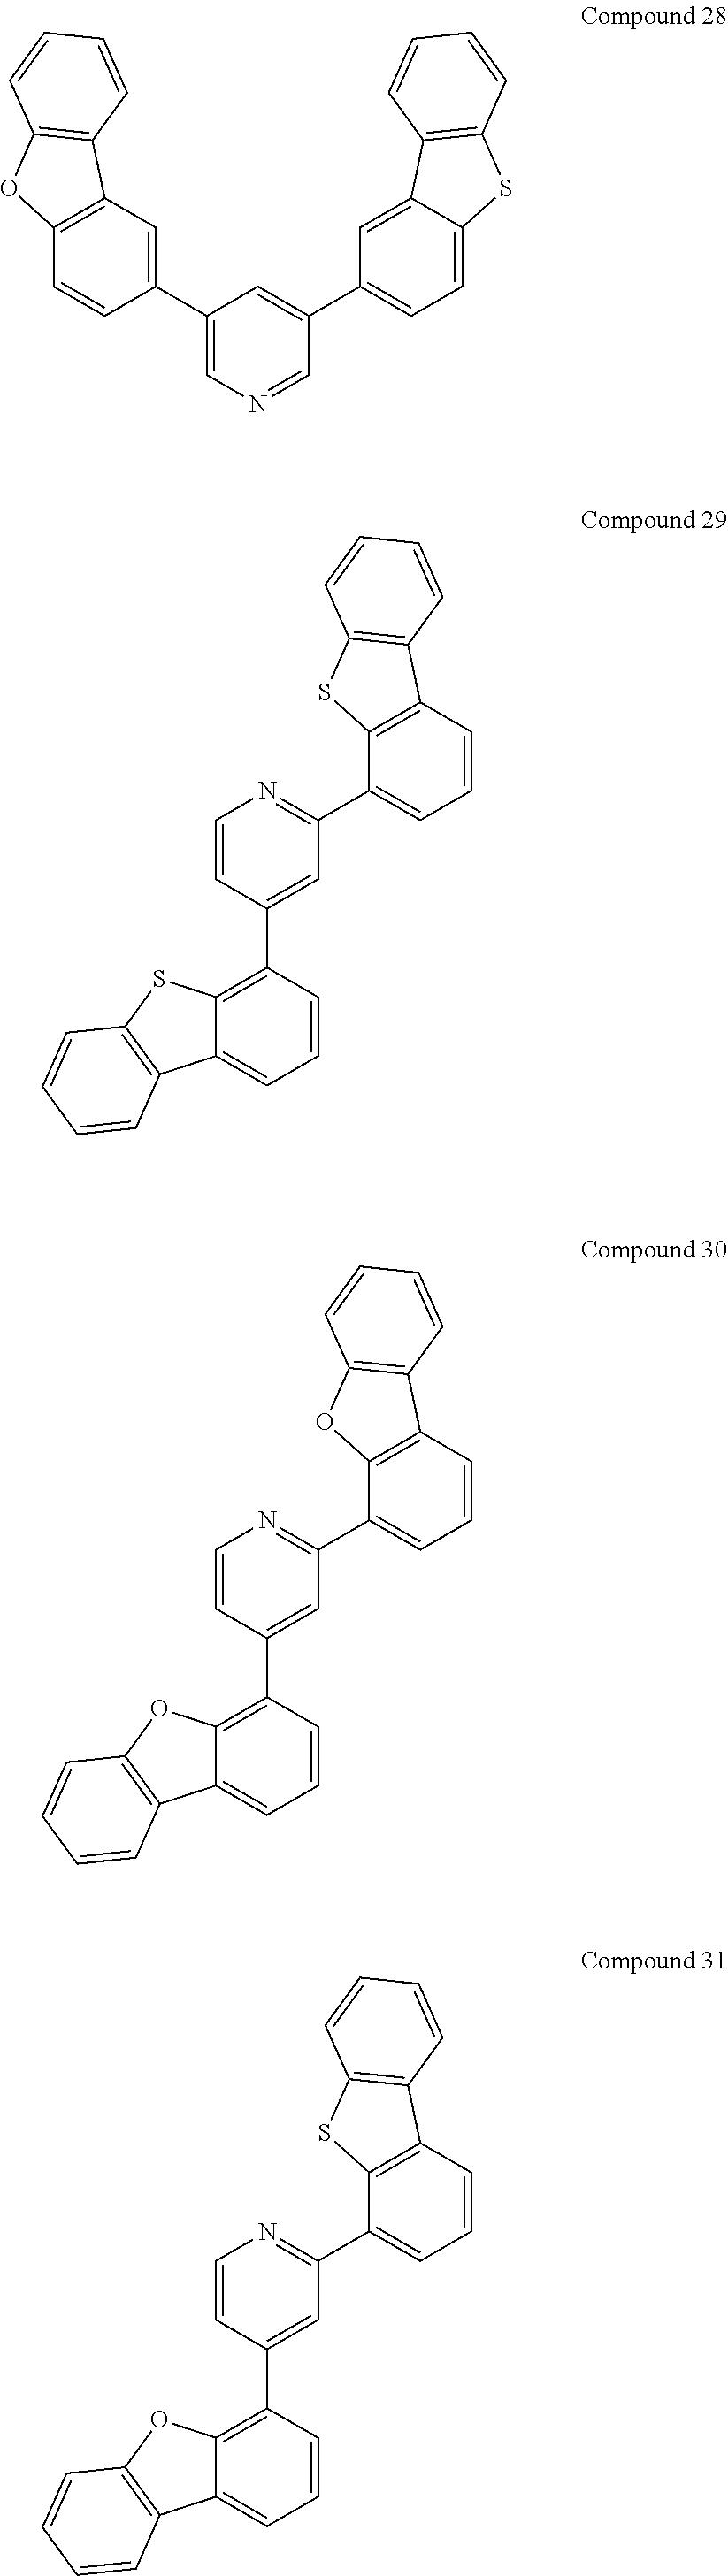 Figure US08580402-20131112-C00034